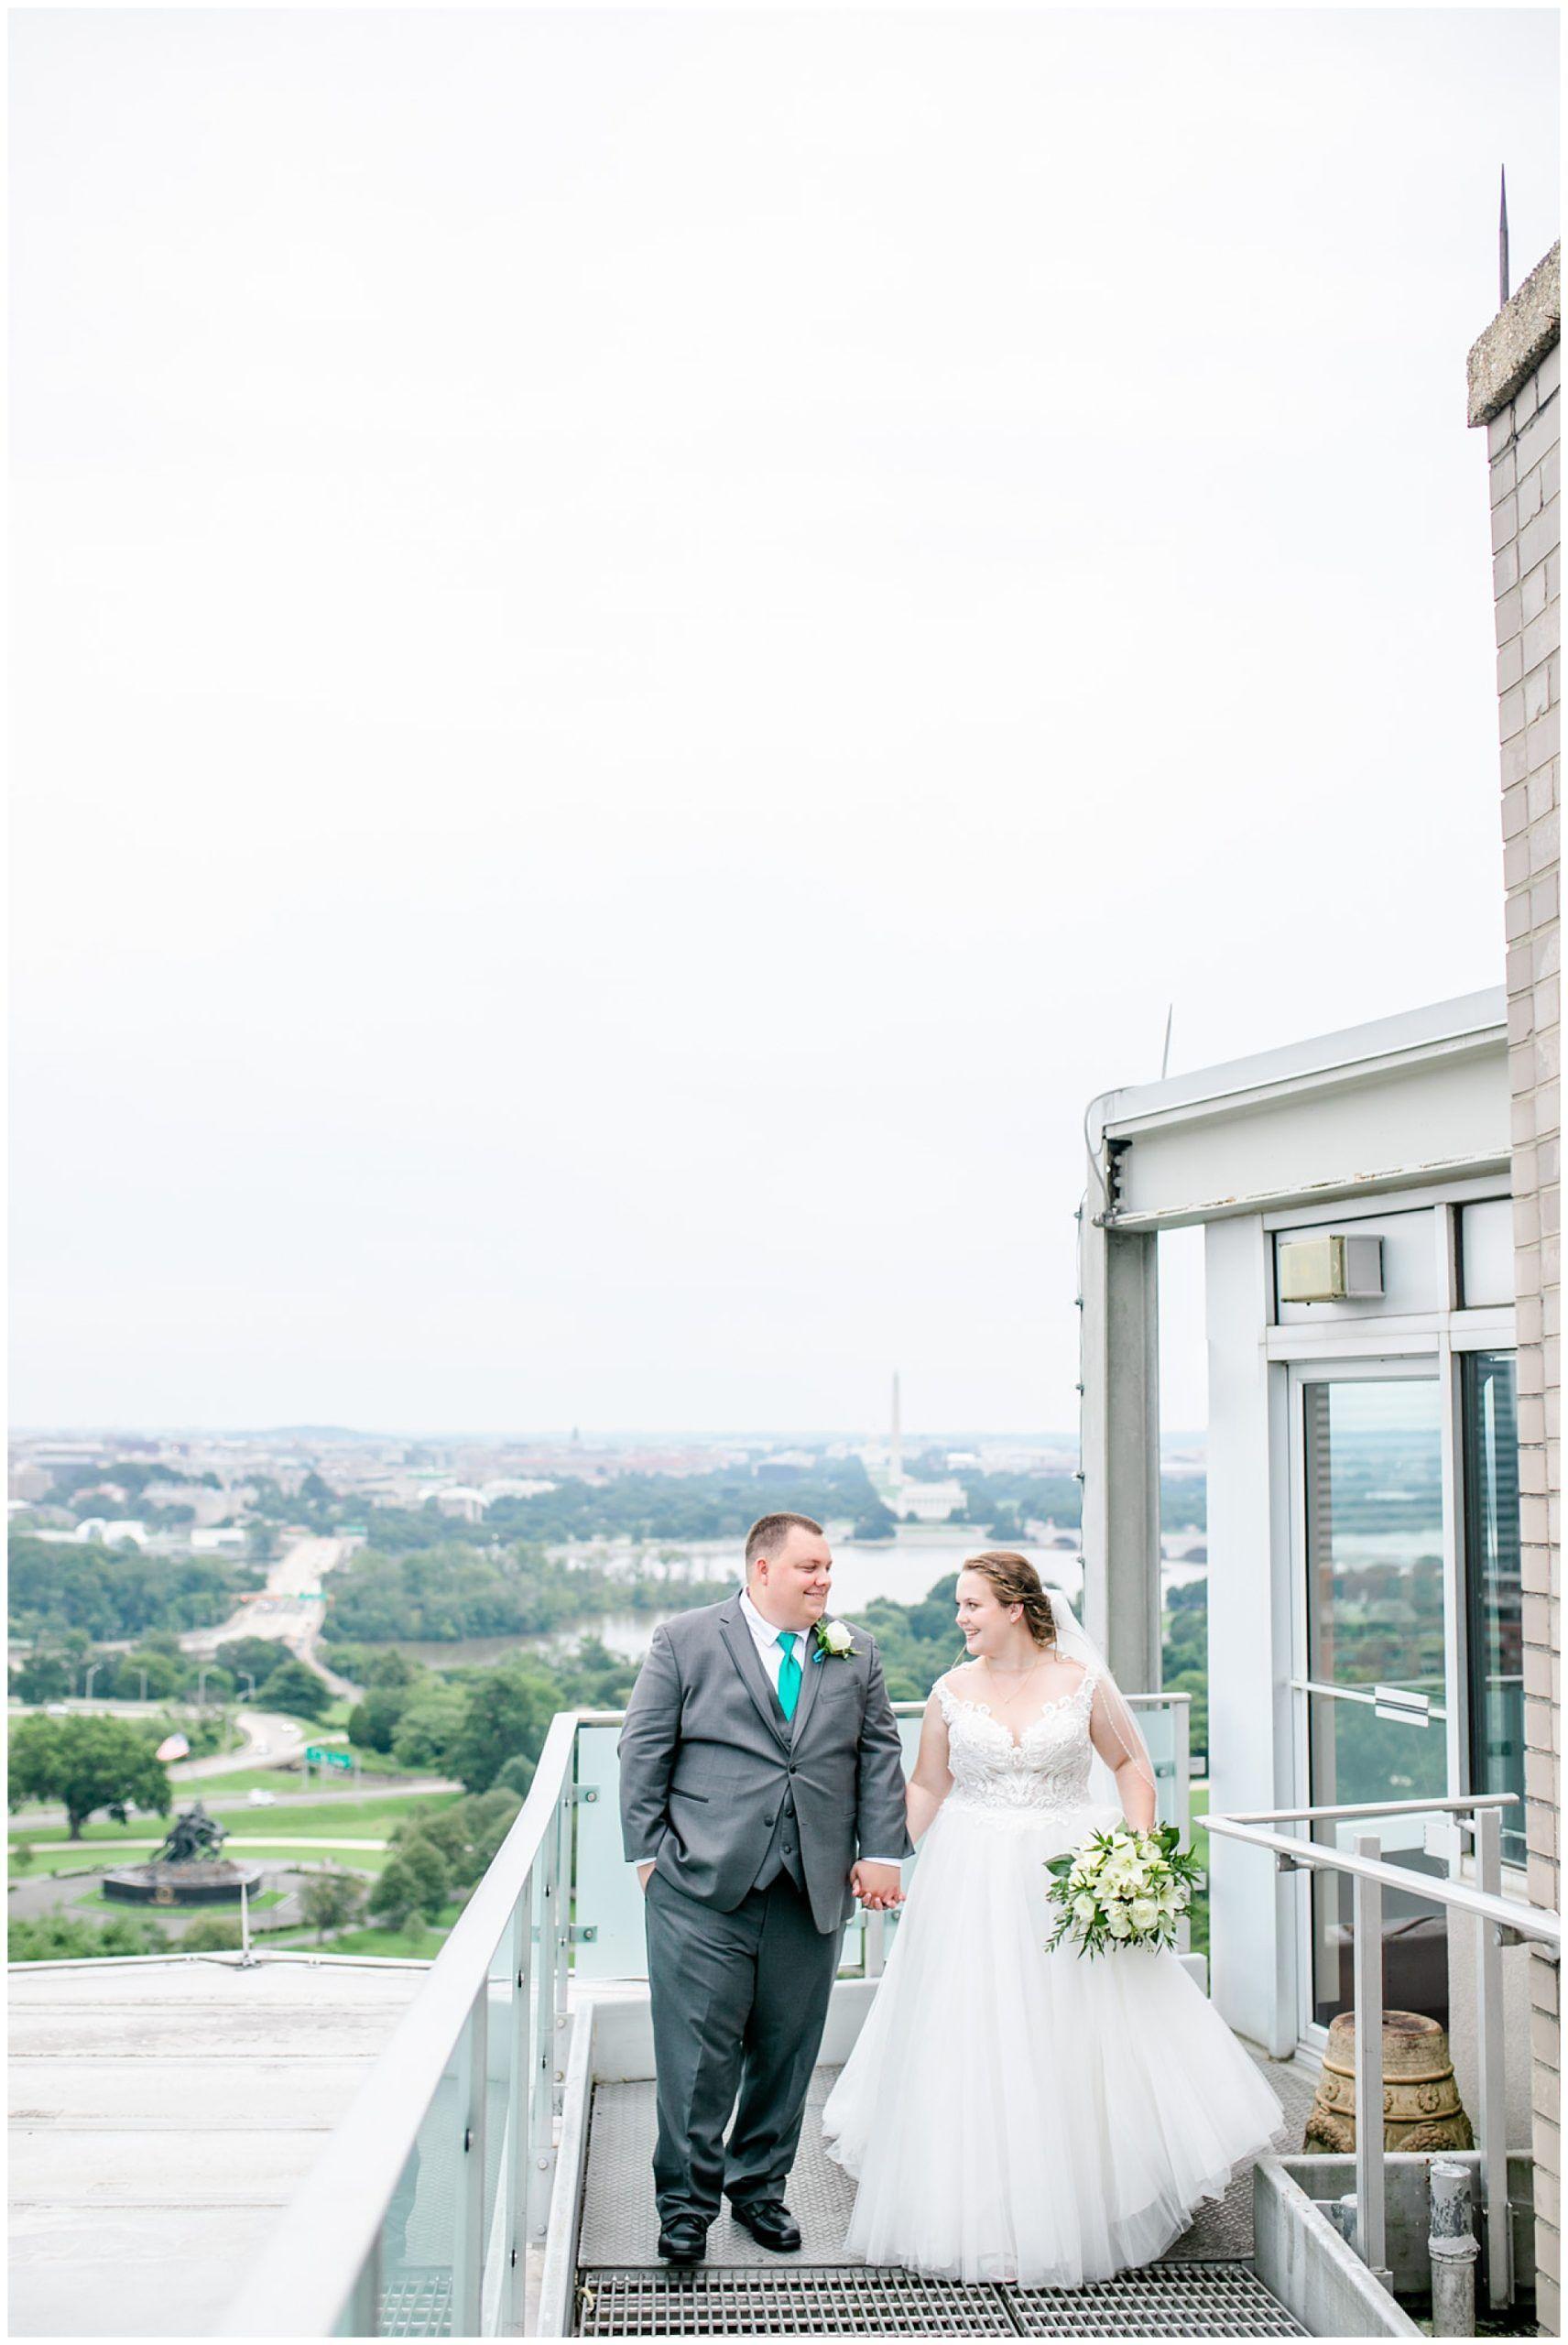 Top Of The Town Wedding In Arlington Virginia Rachel E H Photography In 2020 Virginia Beach Wedding Dc Wedding Photography Beach Wedding Photographer